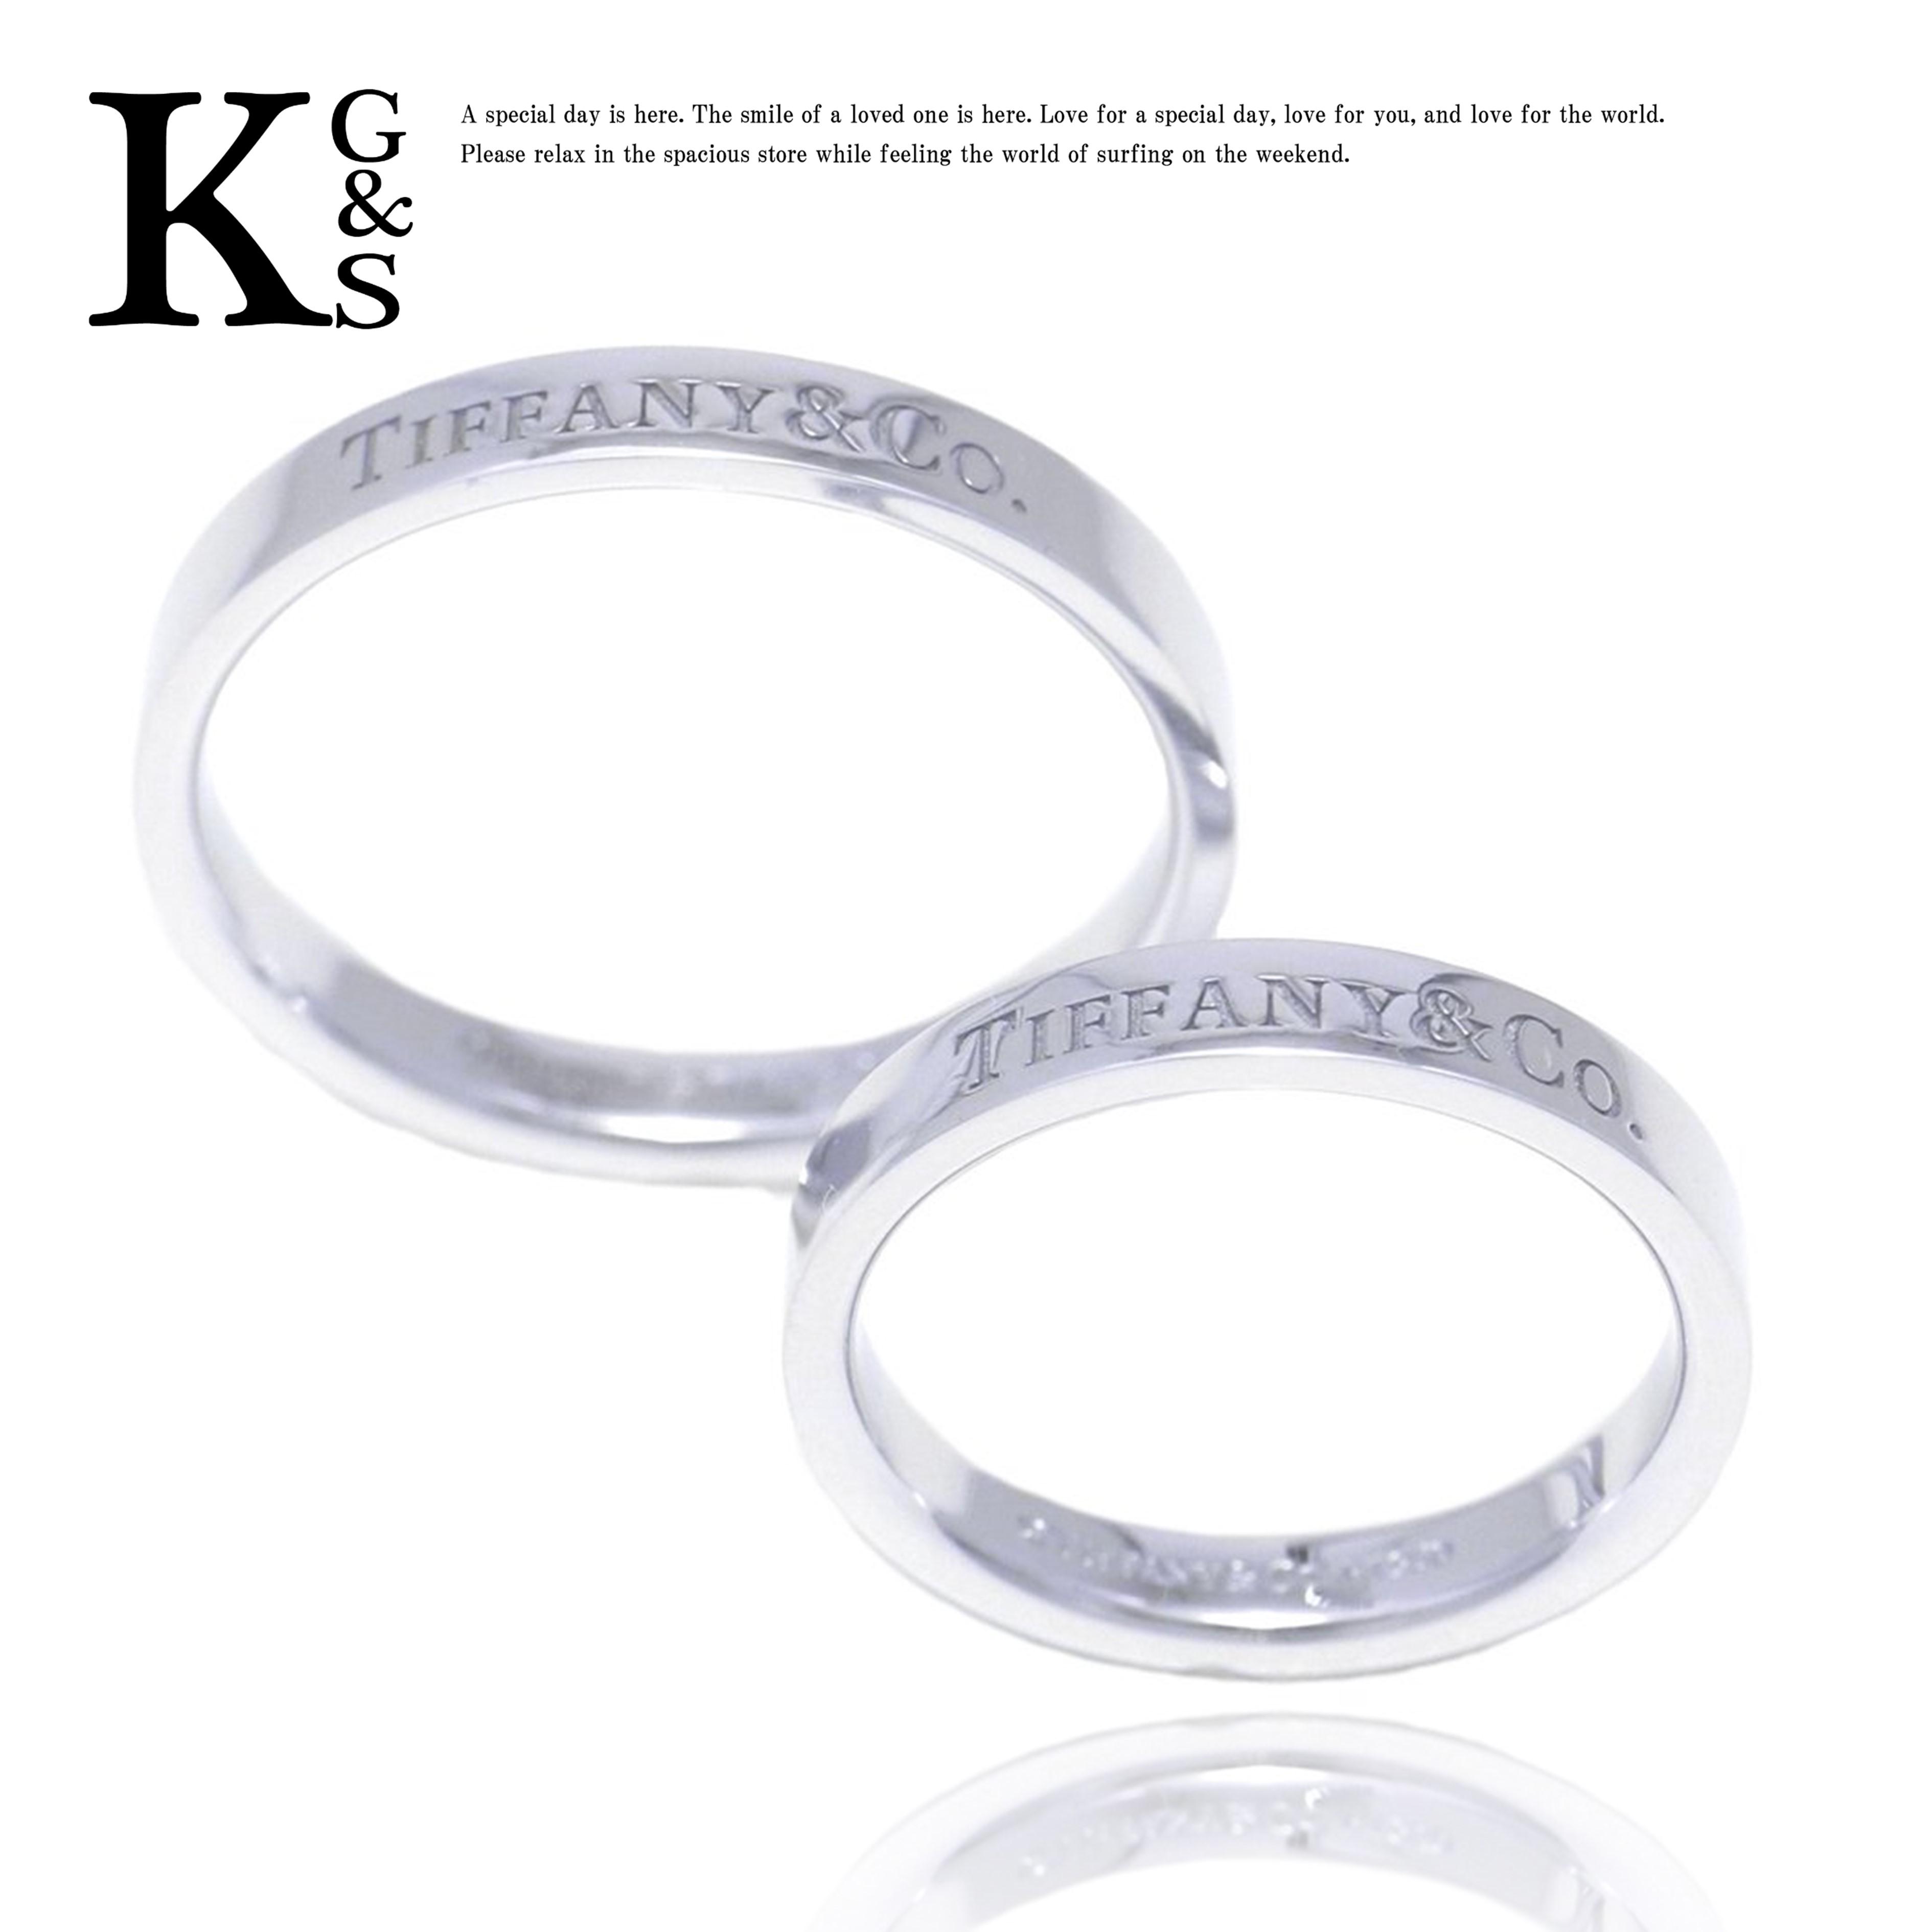 【ギフト品質】【名入れ】ティファニー/Tiffany&co フラット バンドリング ペアリング マリッジリング Pt950 プラチナ 結婚指輪